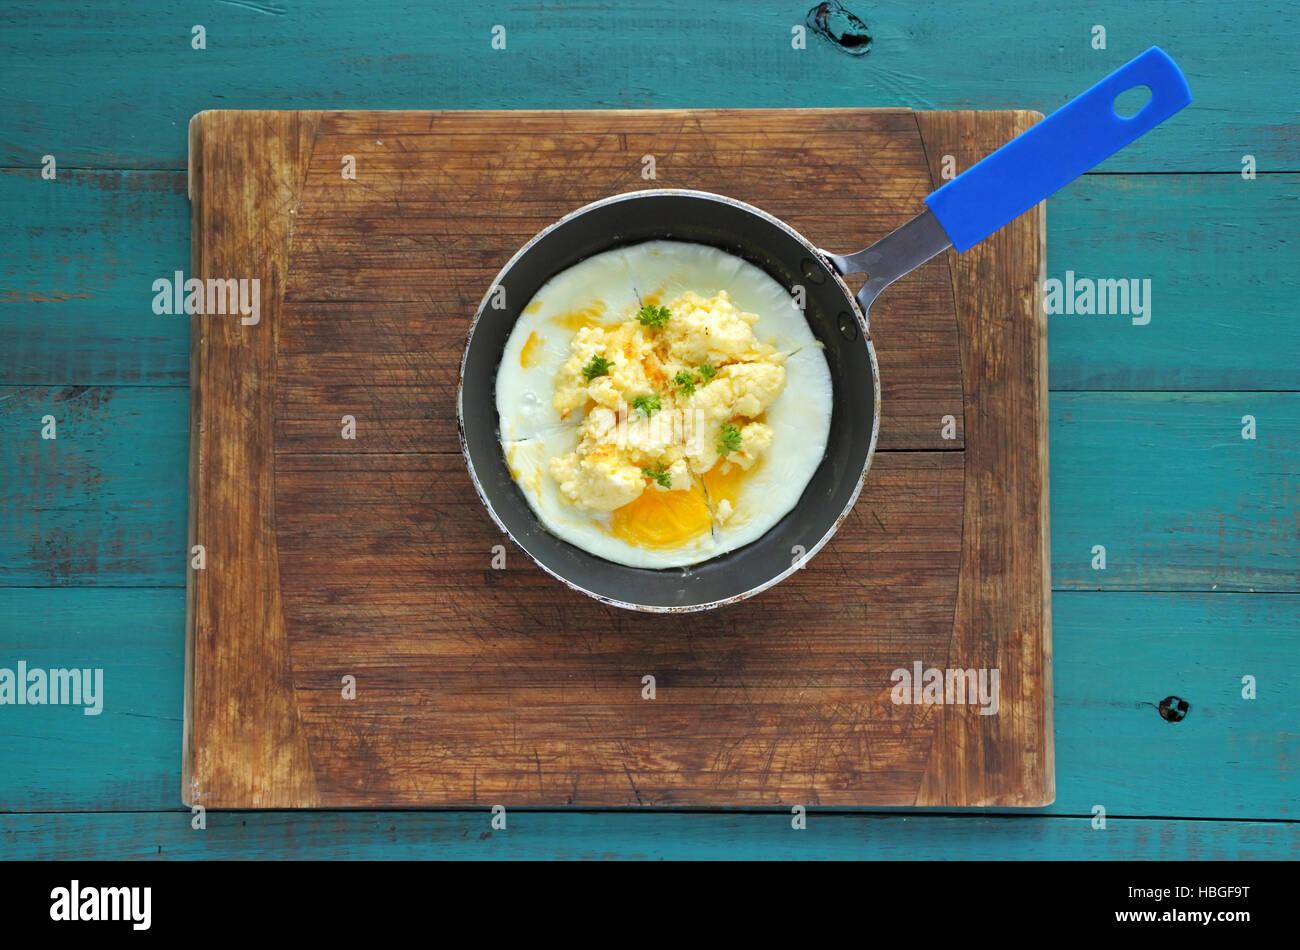 Plano de laicos huevos revueltos en un rústico pen. Textura de fondo de alimentos espacio de copia. Imagen De Stock